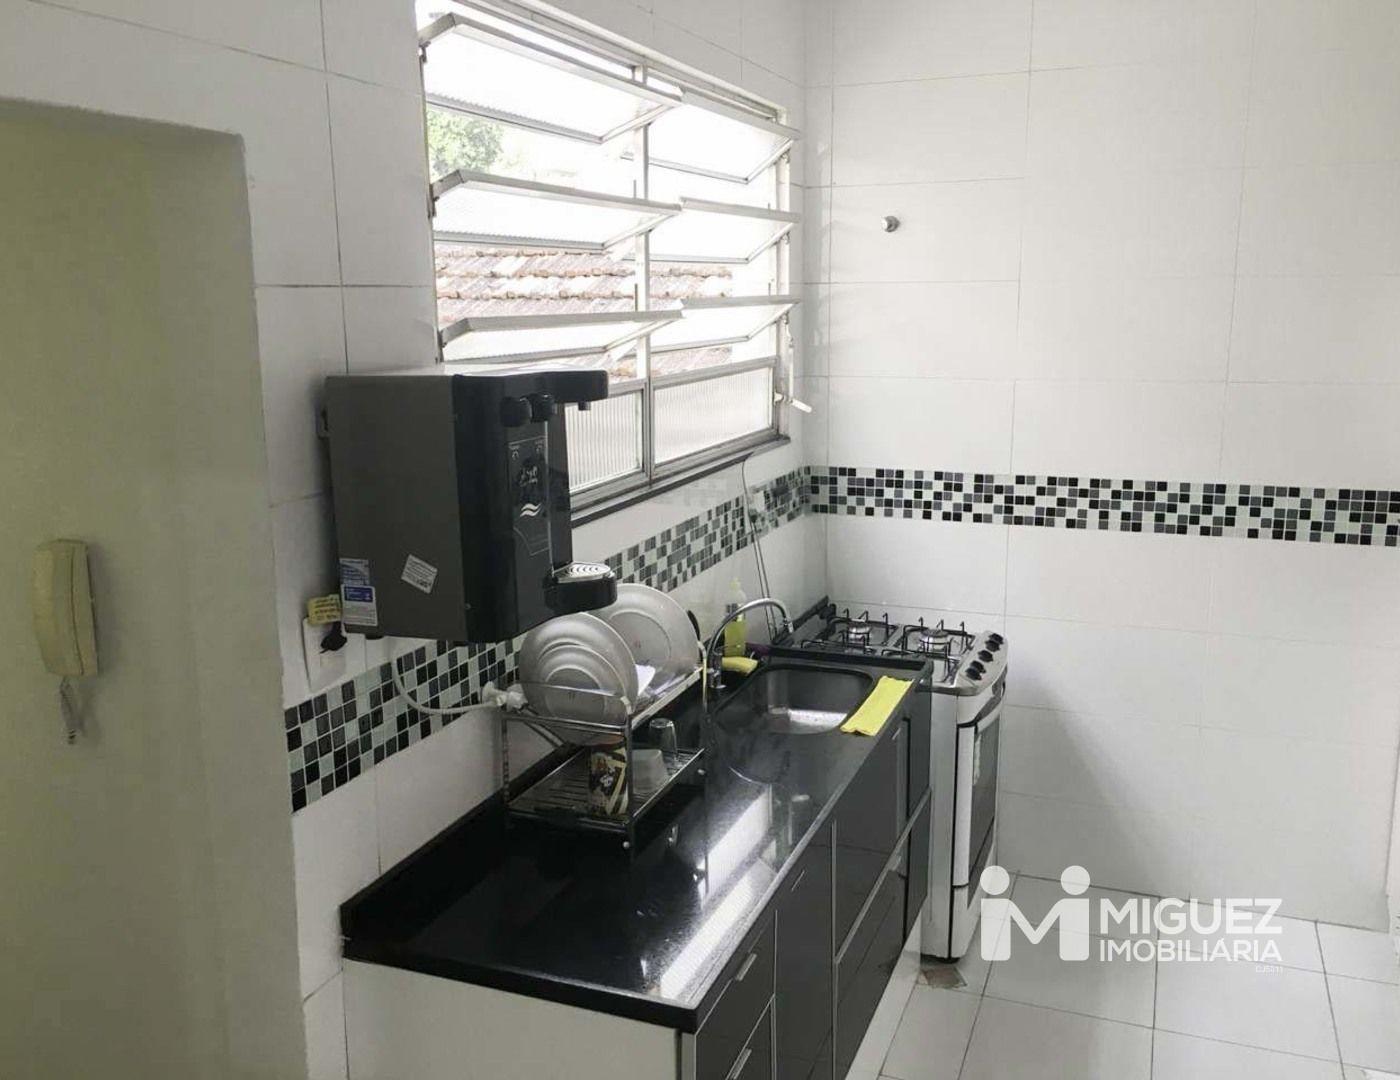 Apartamento, venda, Rua Gonçalves Crespo - Tijuca , Rio de janeiro